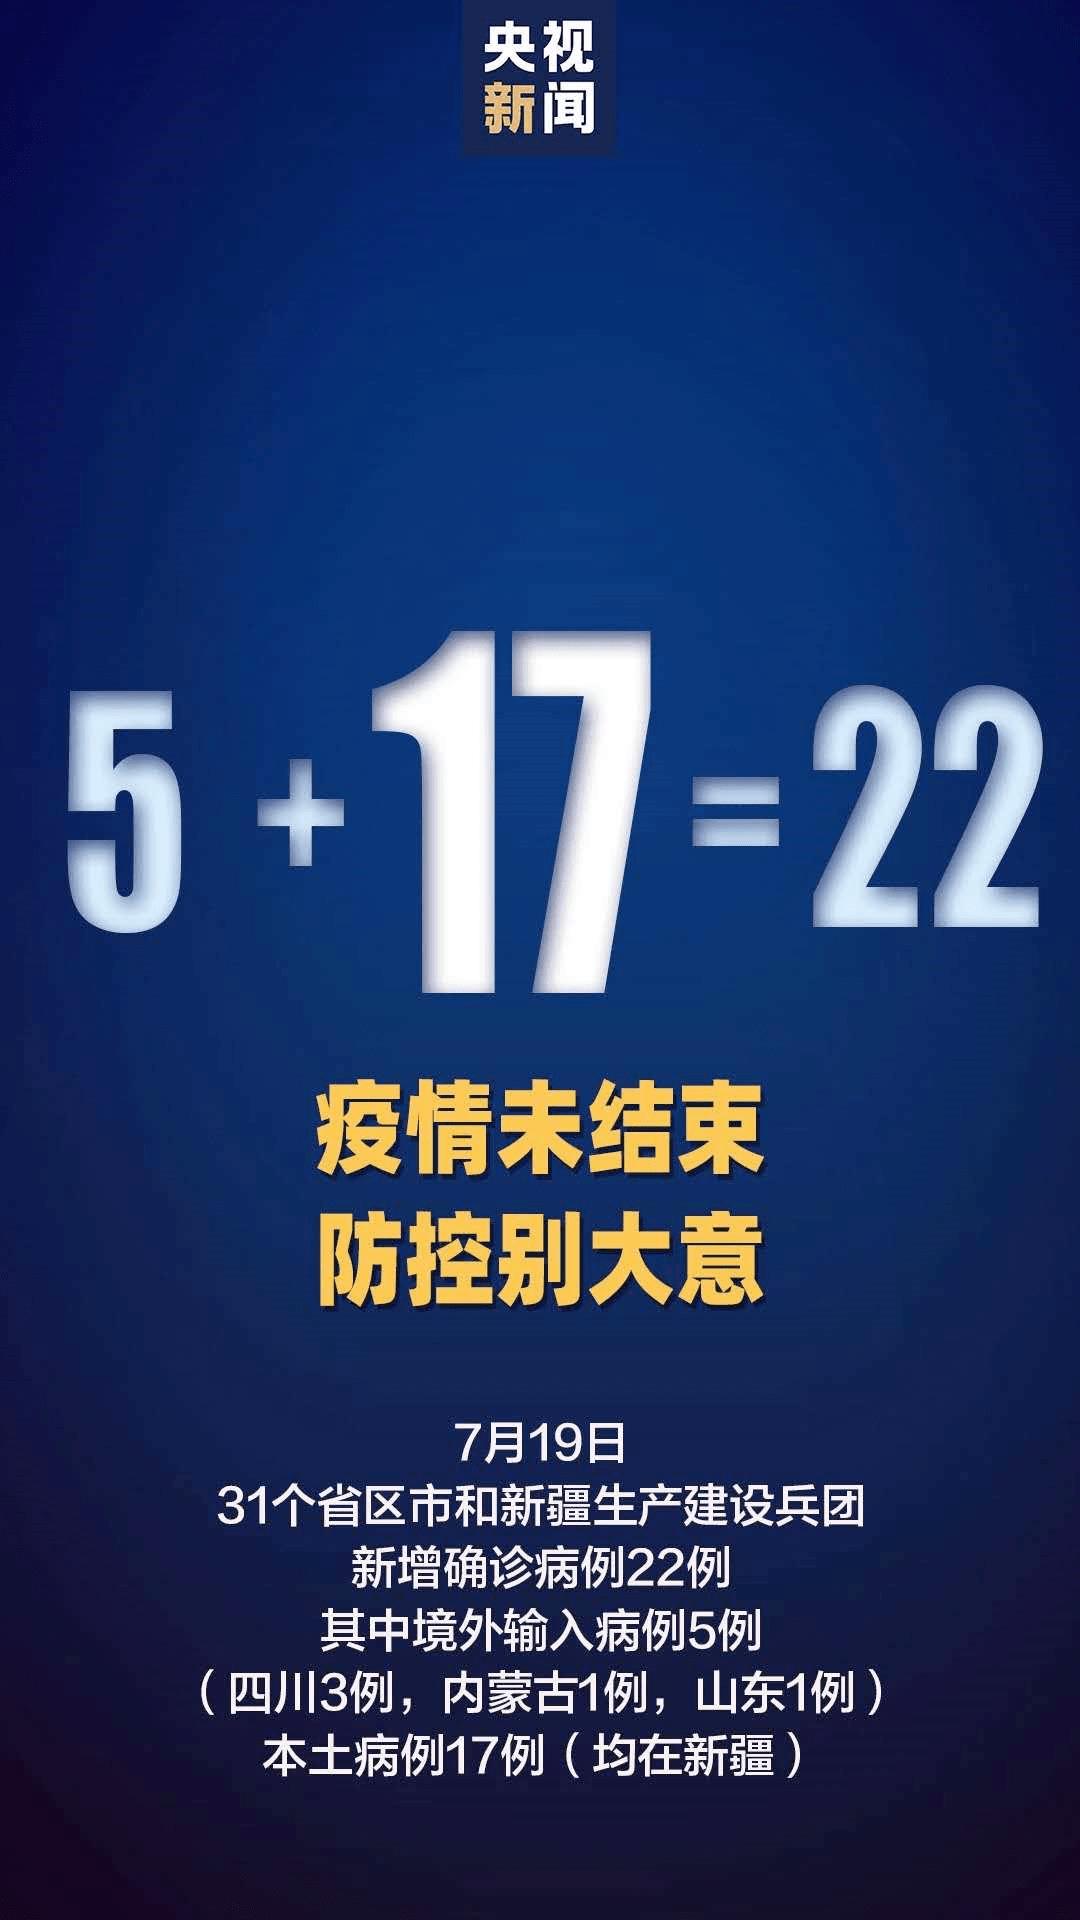 火狐体育网页版:200人!二道区公然招聘丨今日新闻汇